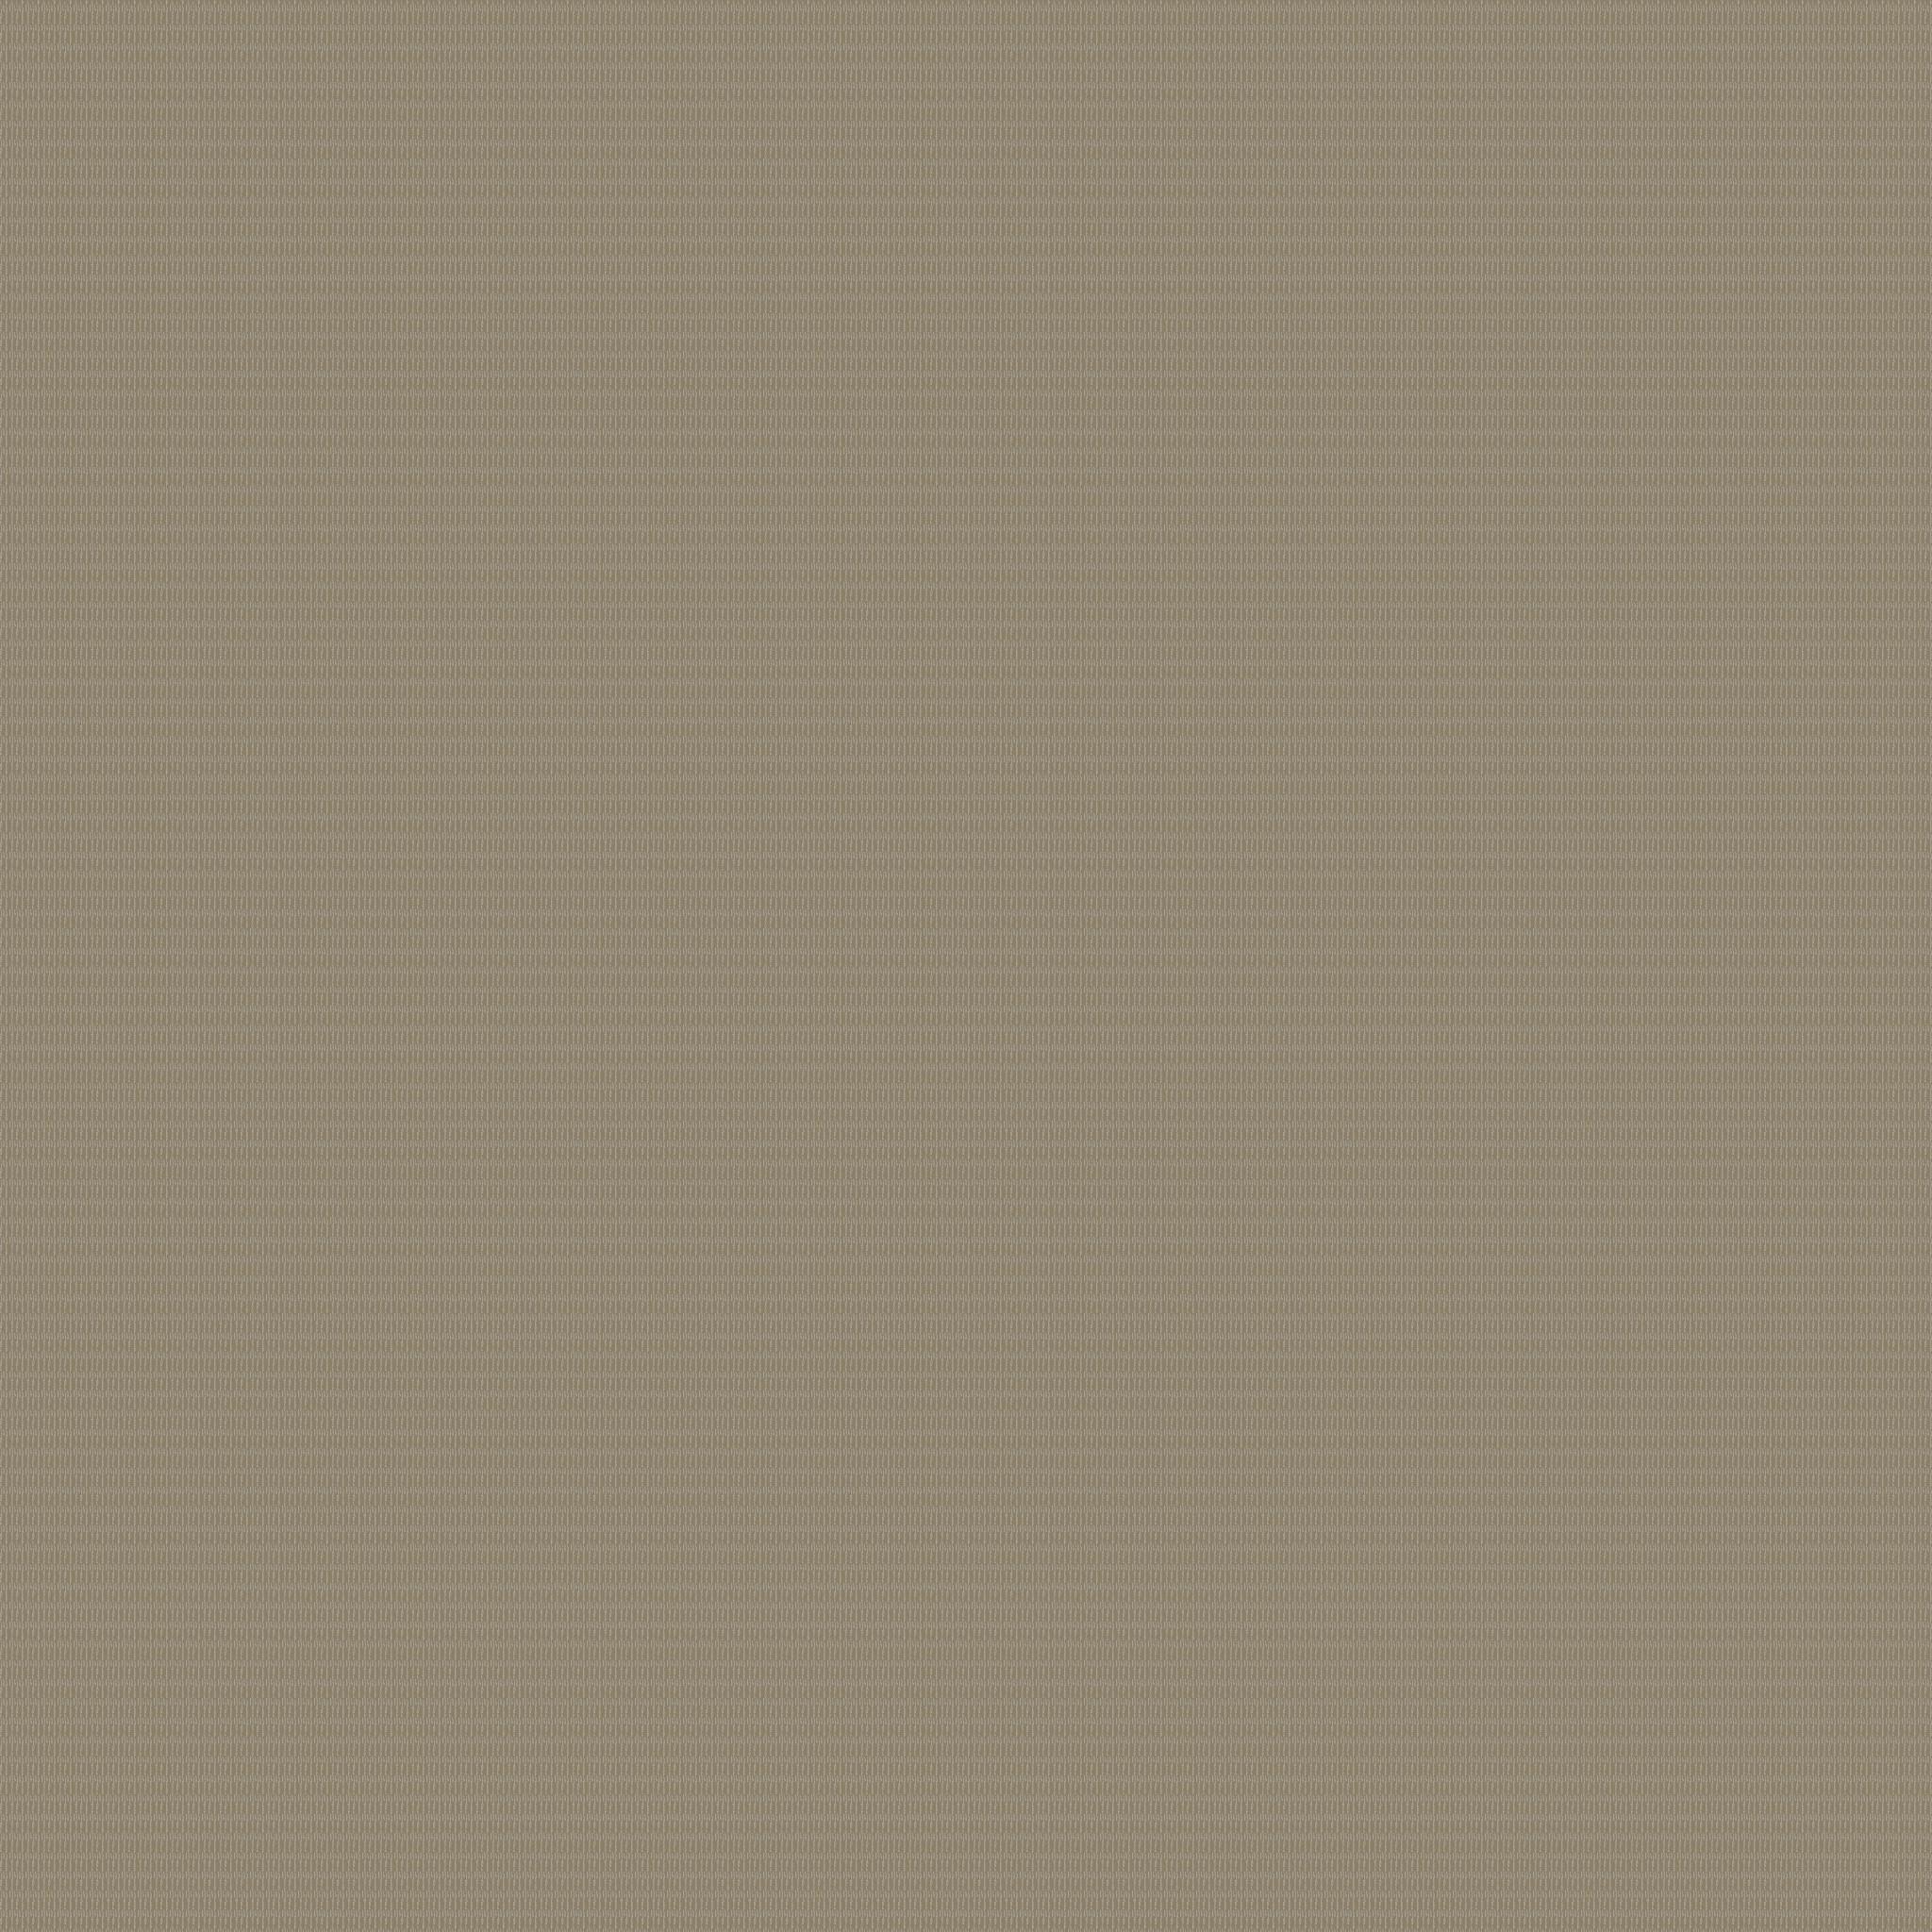 Una Ground Control Superb brown/beige